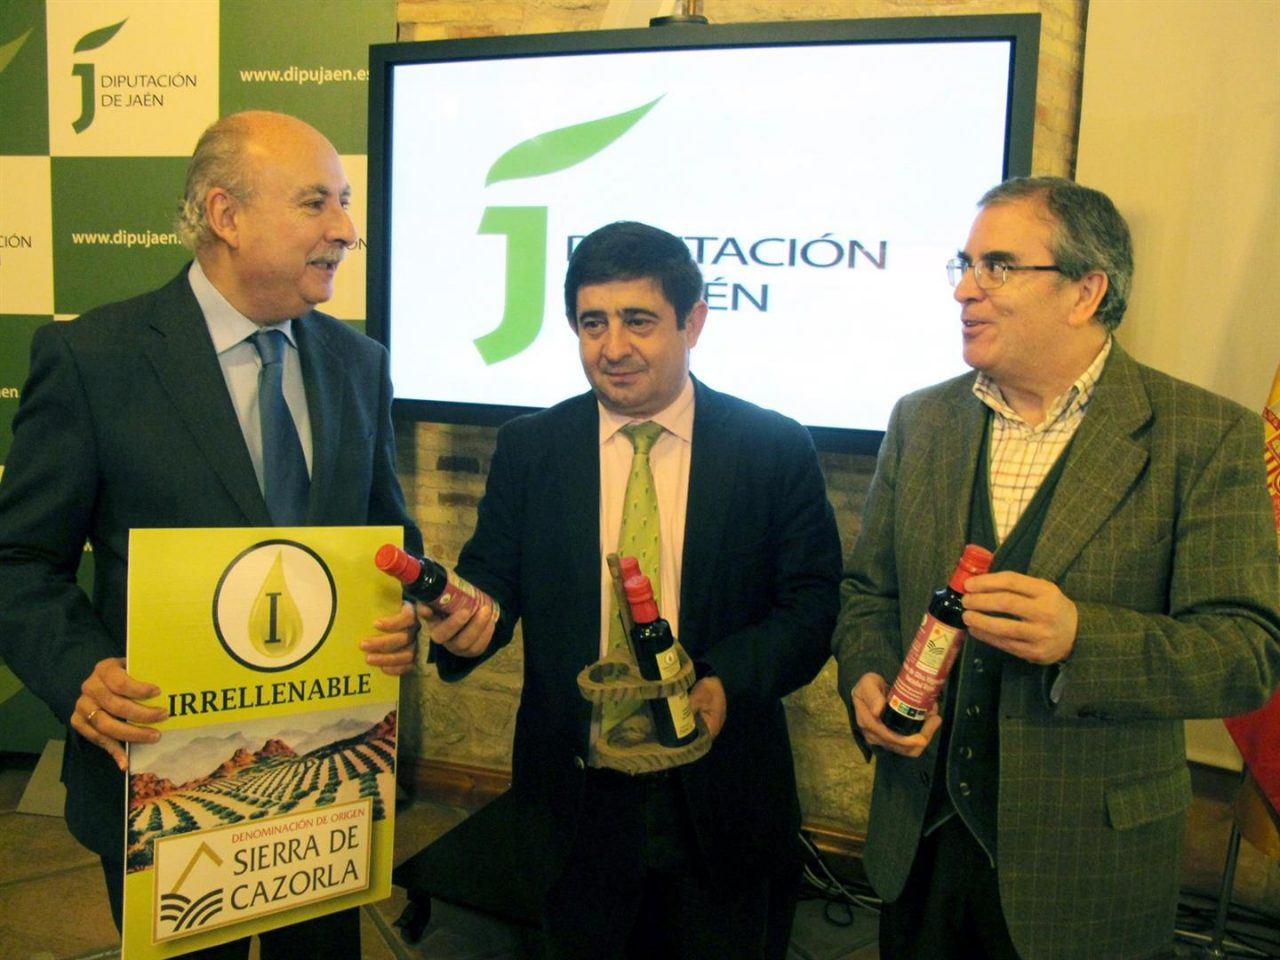 La DO Sierra de Cazorla promocionará el uso de aceiteras irrellenables con su reparto en establecimientos hosteleros